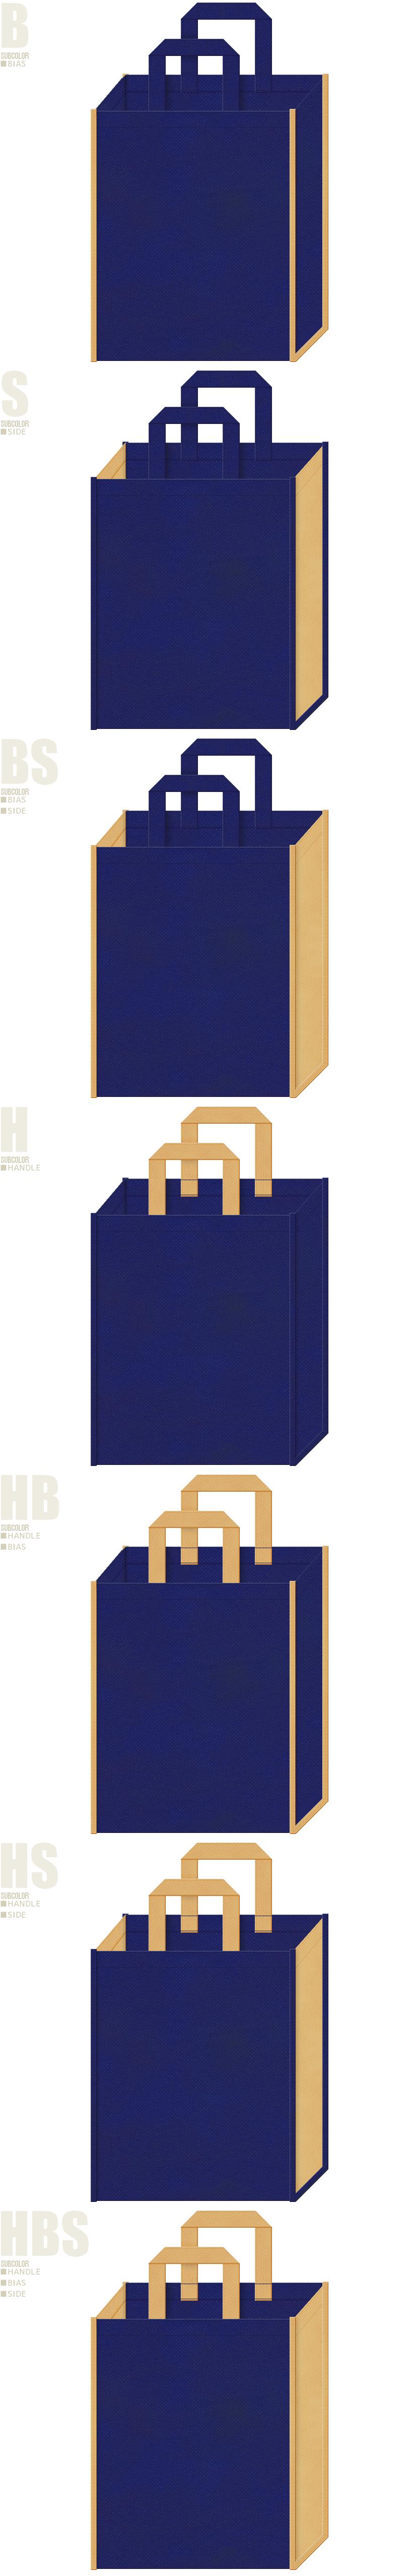 明るい紺色と薄黄土色の不織布バッグデザイン:配色7パターン